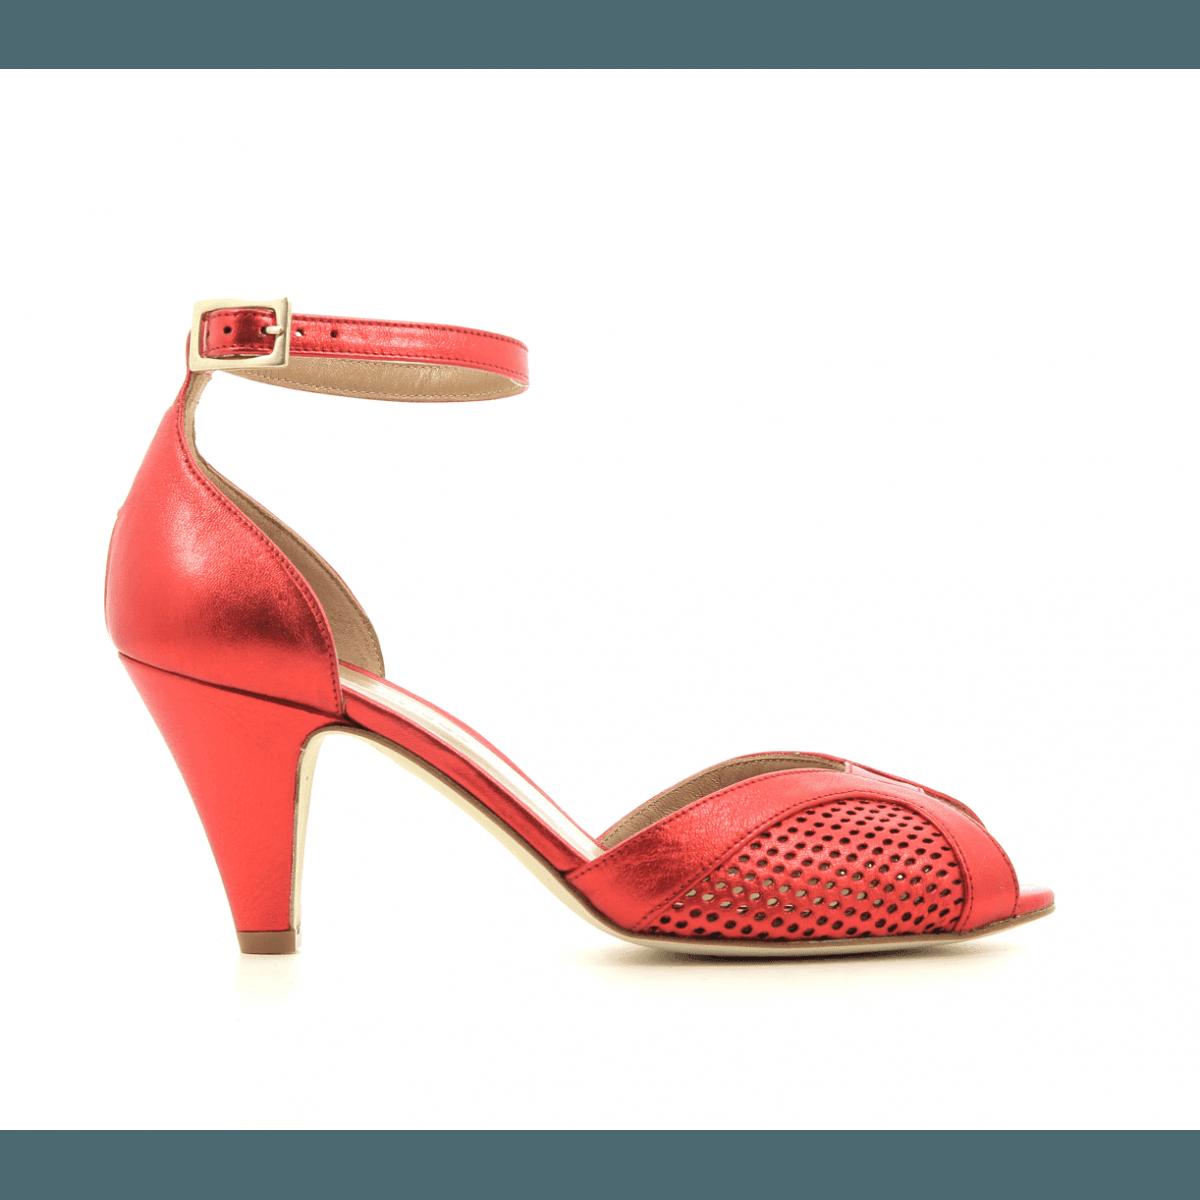 576d8c8c45b441 Escarpins à bout ouvert en cuir métallisé rouge New Lovers shoes - APRIL RED